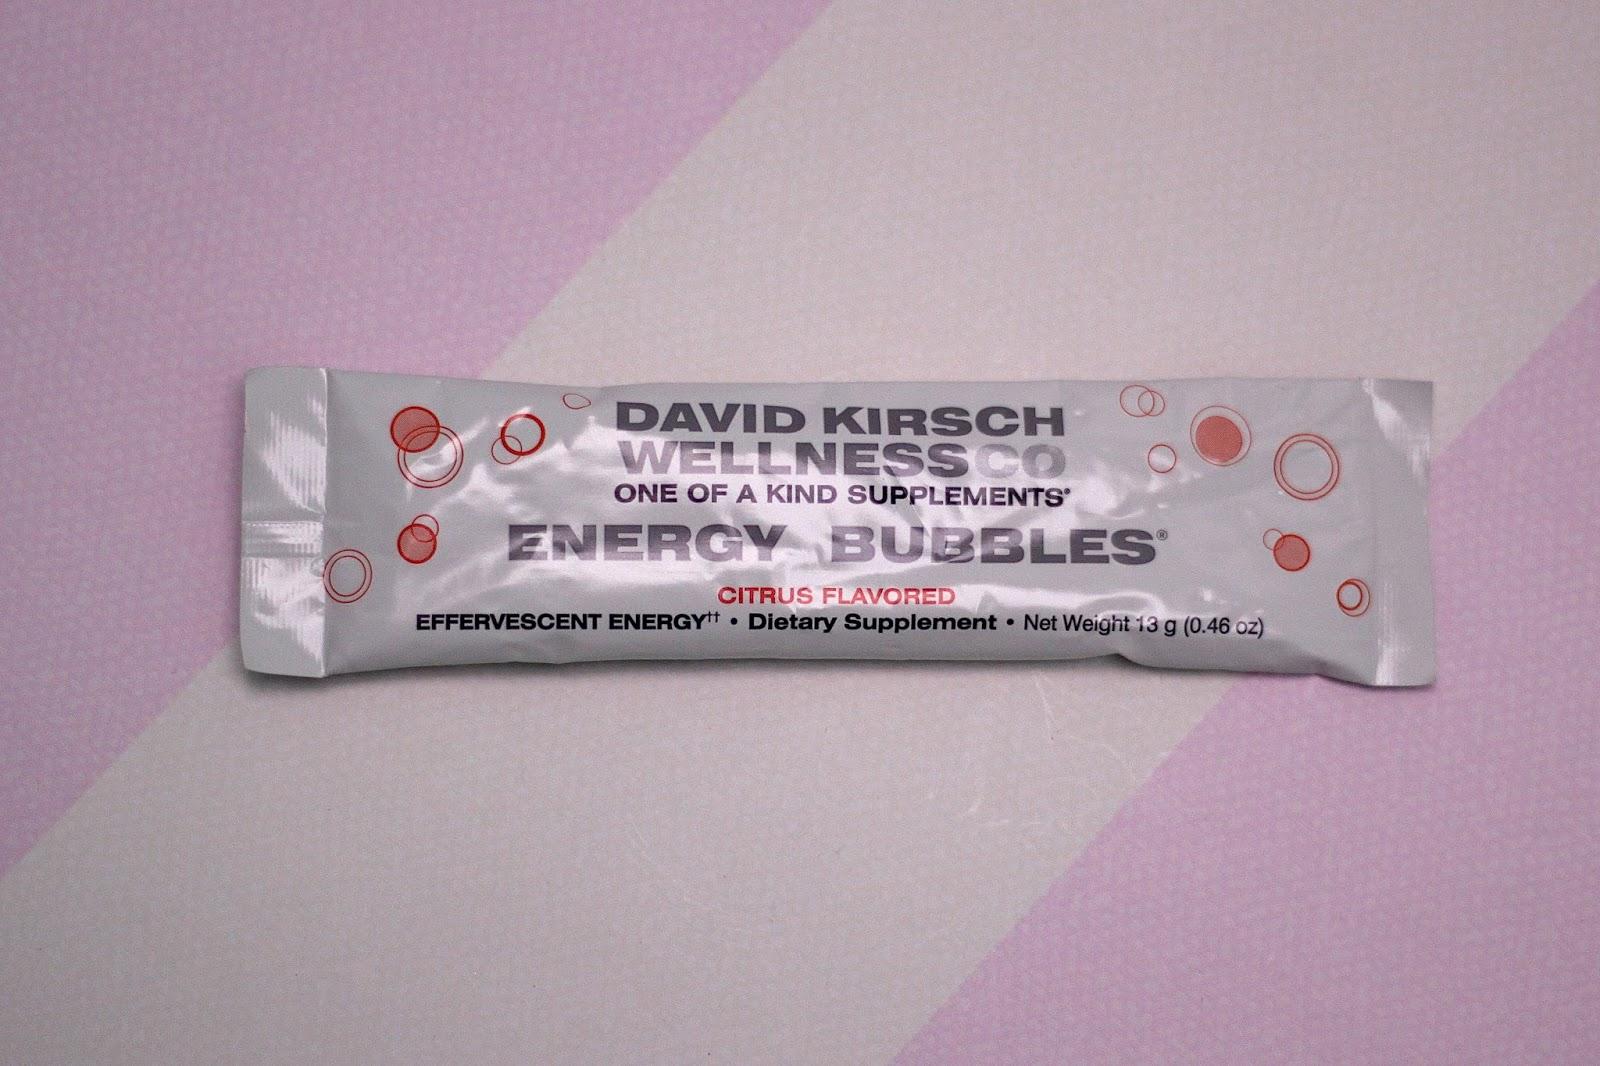 David Kirsch Wellness Energy Bubbles